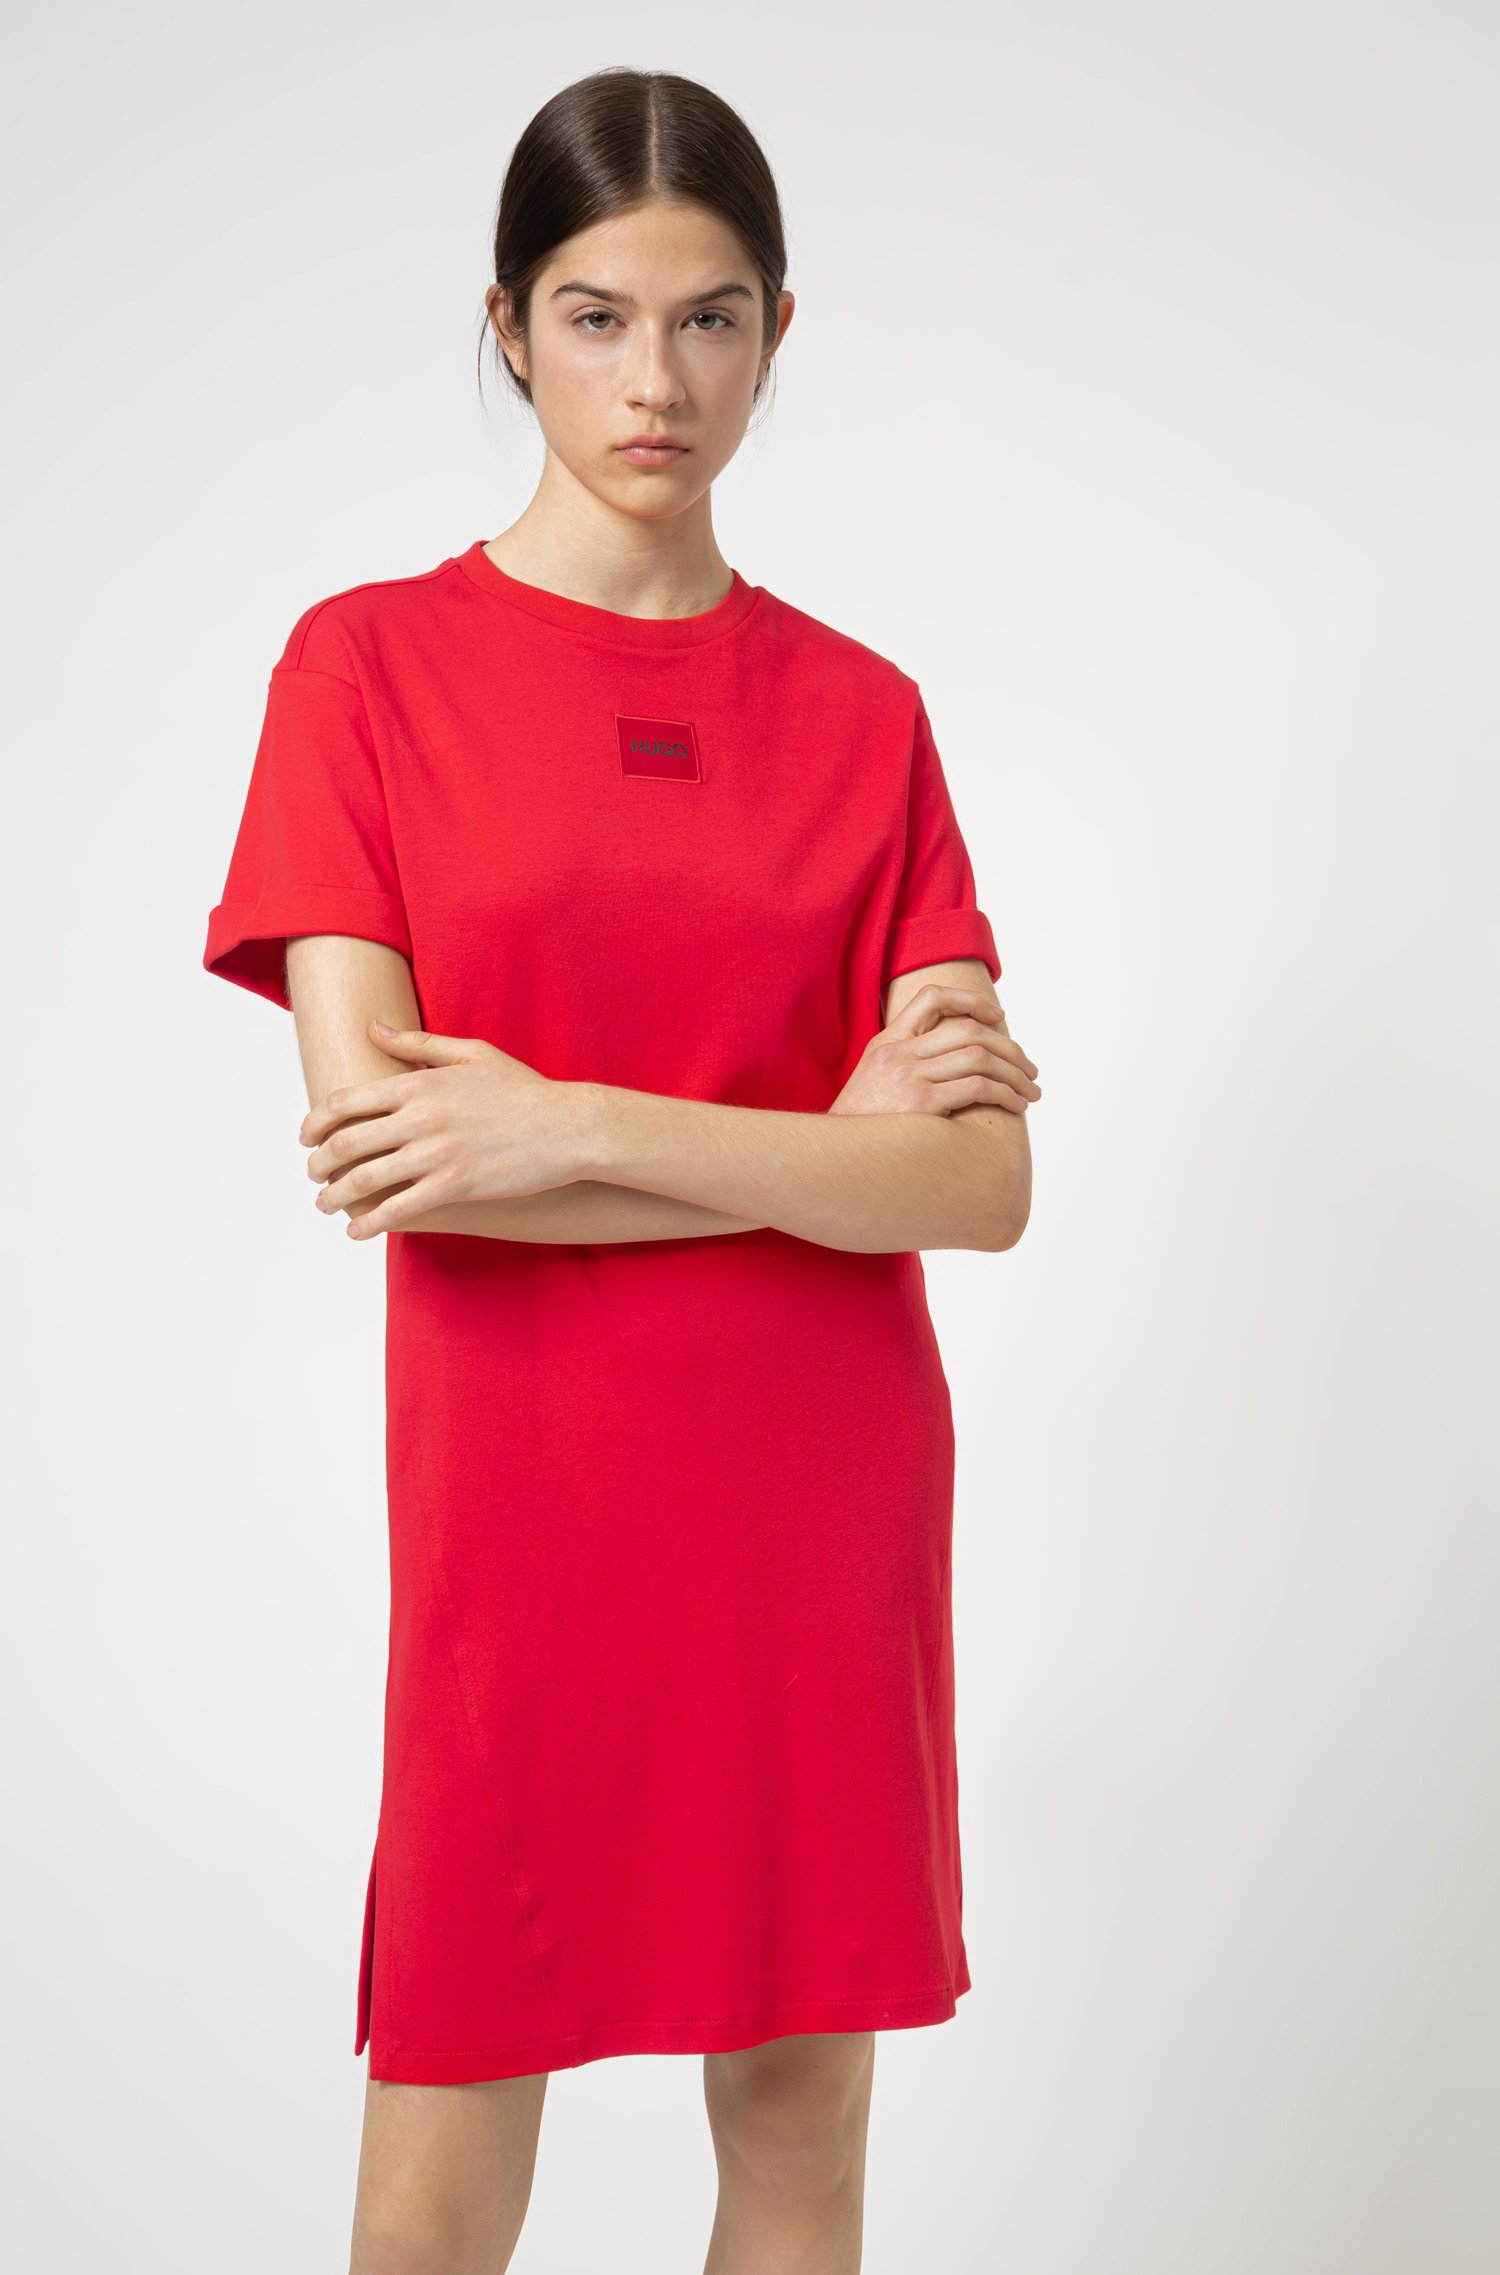 Robe t-shirt en coton interlock avec étiquette logo rouge, Rouge